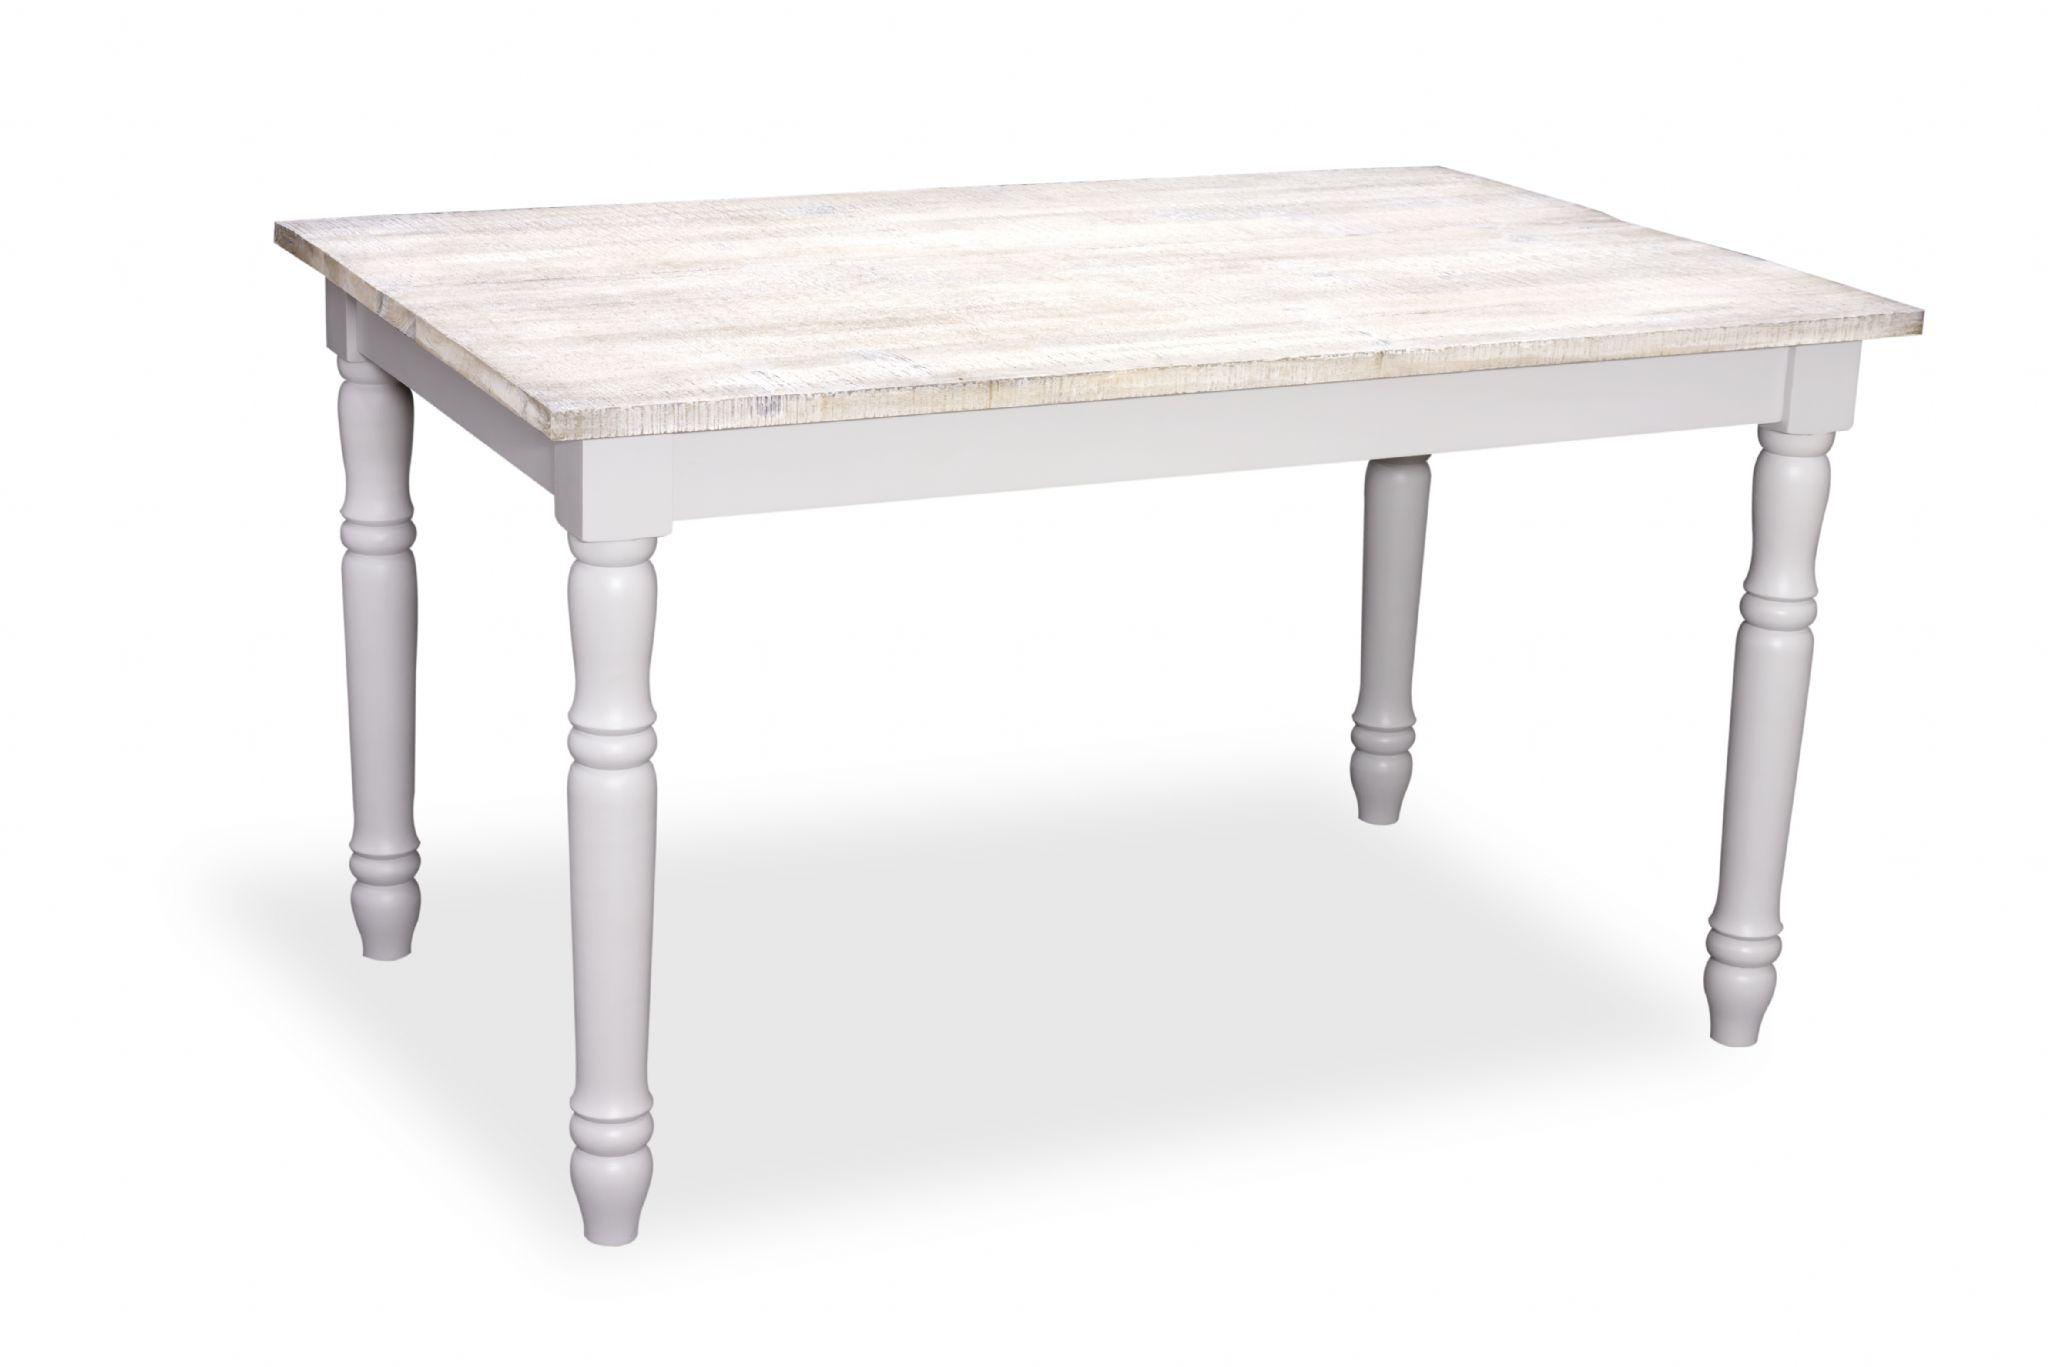 Painted Pine French Grey Large Dining Table : painted pine french grey large dining table 2 68678 p from www.uniquechicfurniture.co.uk size 2048 x 1367 jpeg 102kB